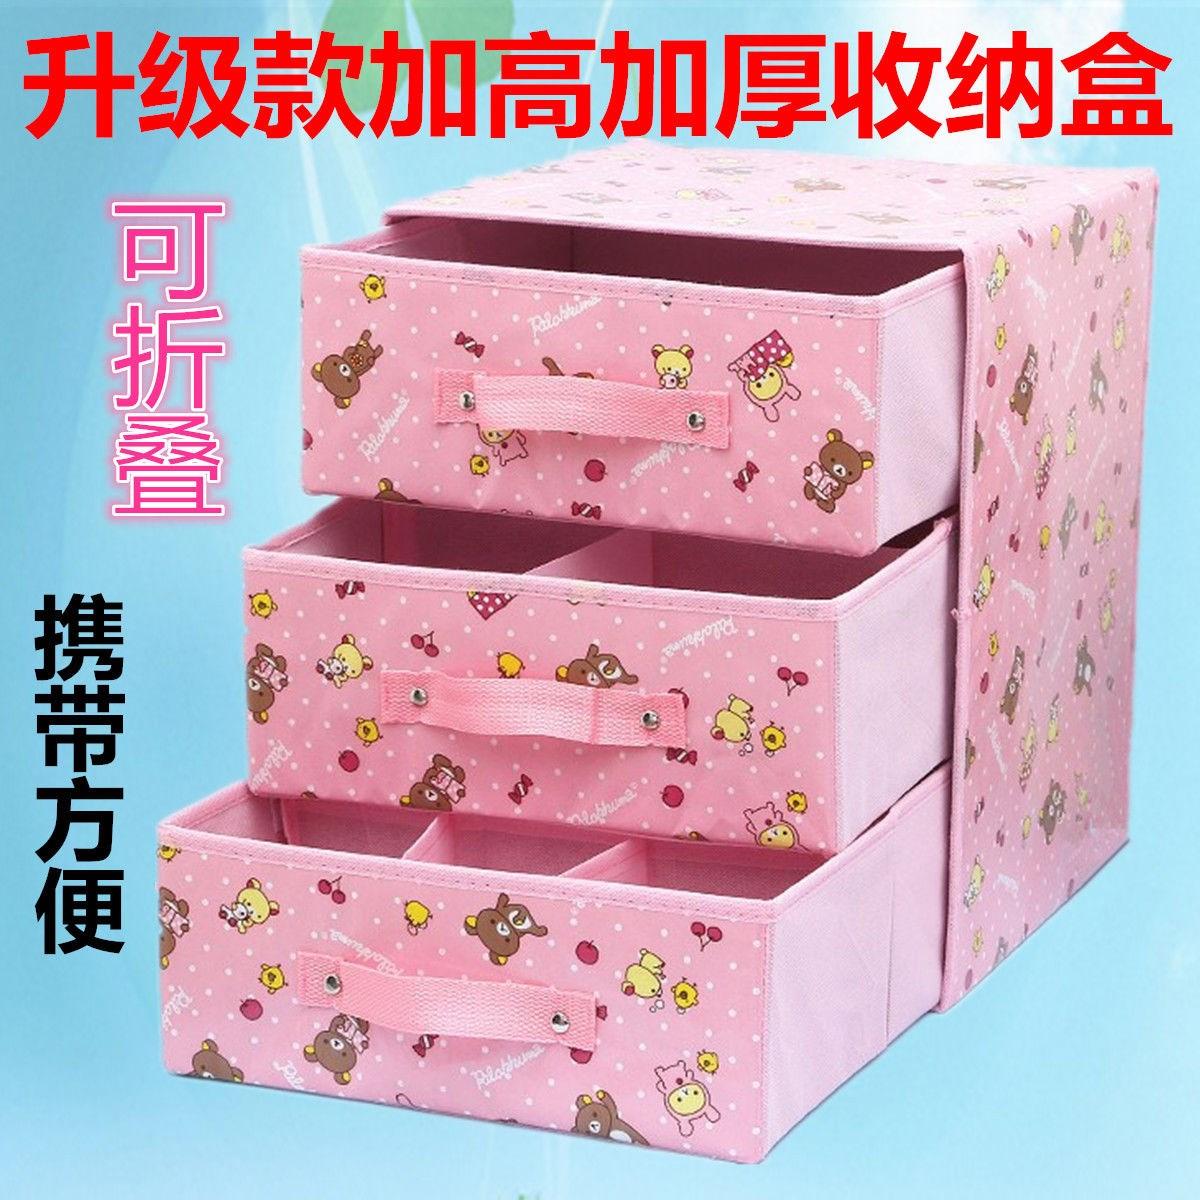 内衣收纳盒布艺抽屉式收纳箱内衣盒带内格放内衣内裤袜子的收纳盒